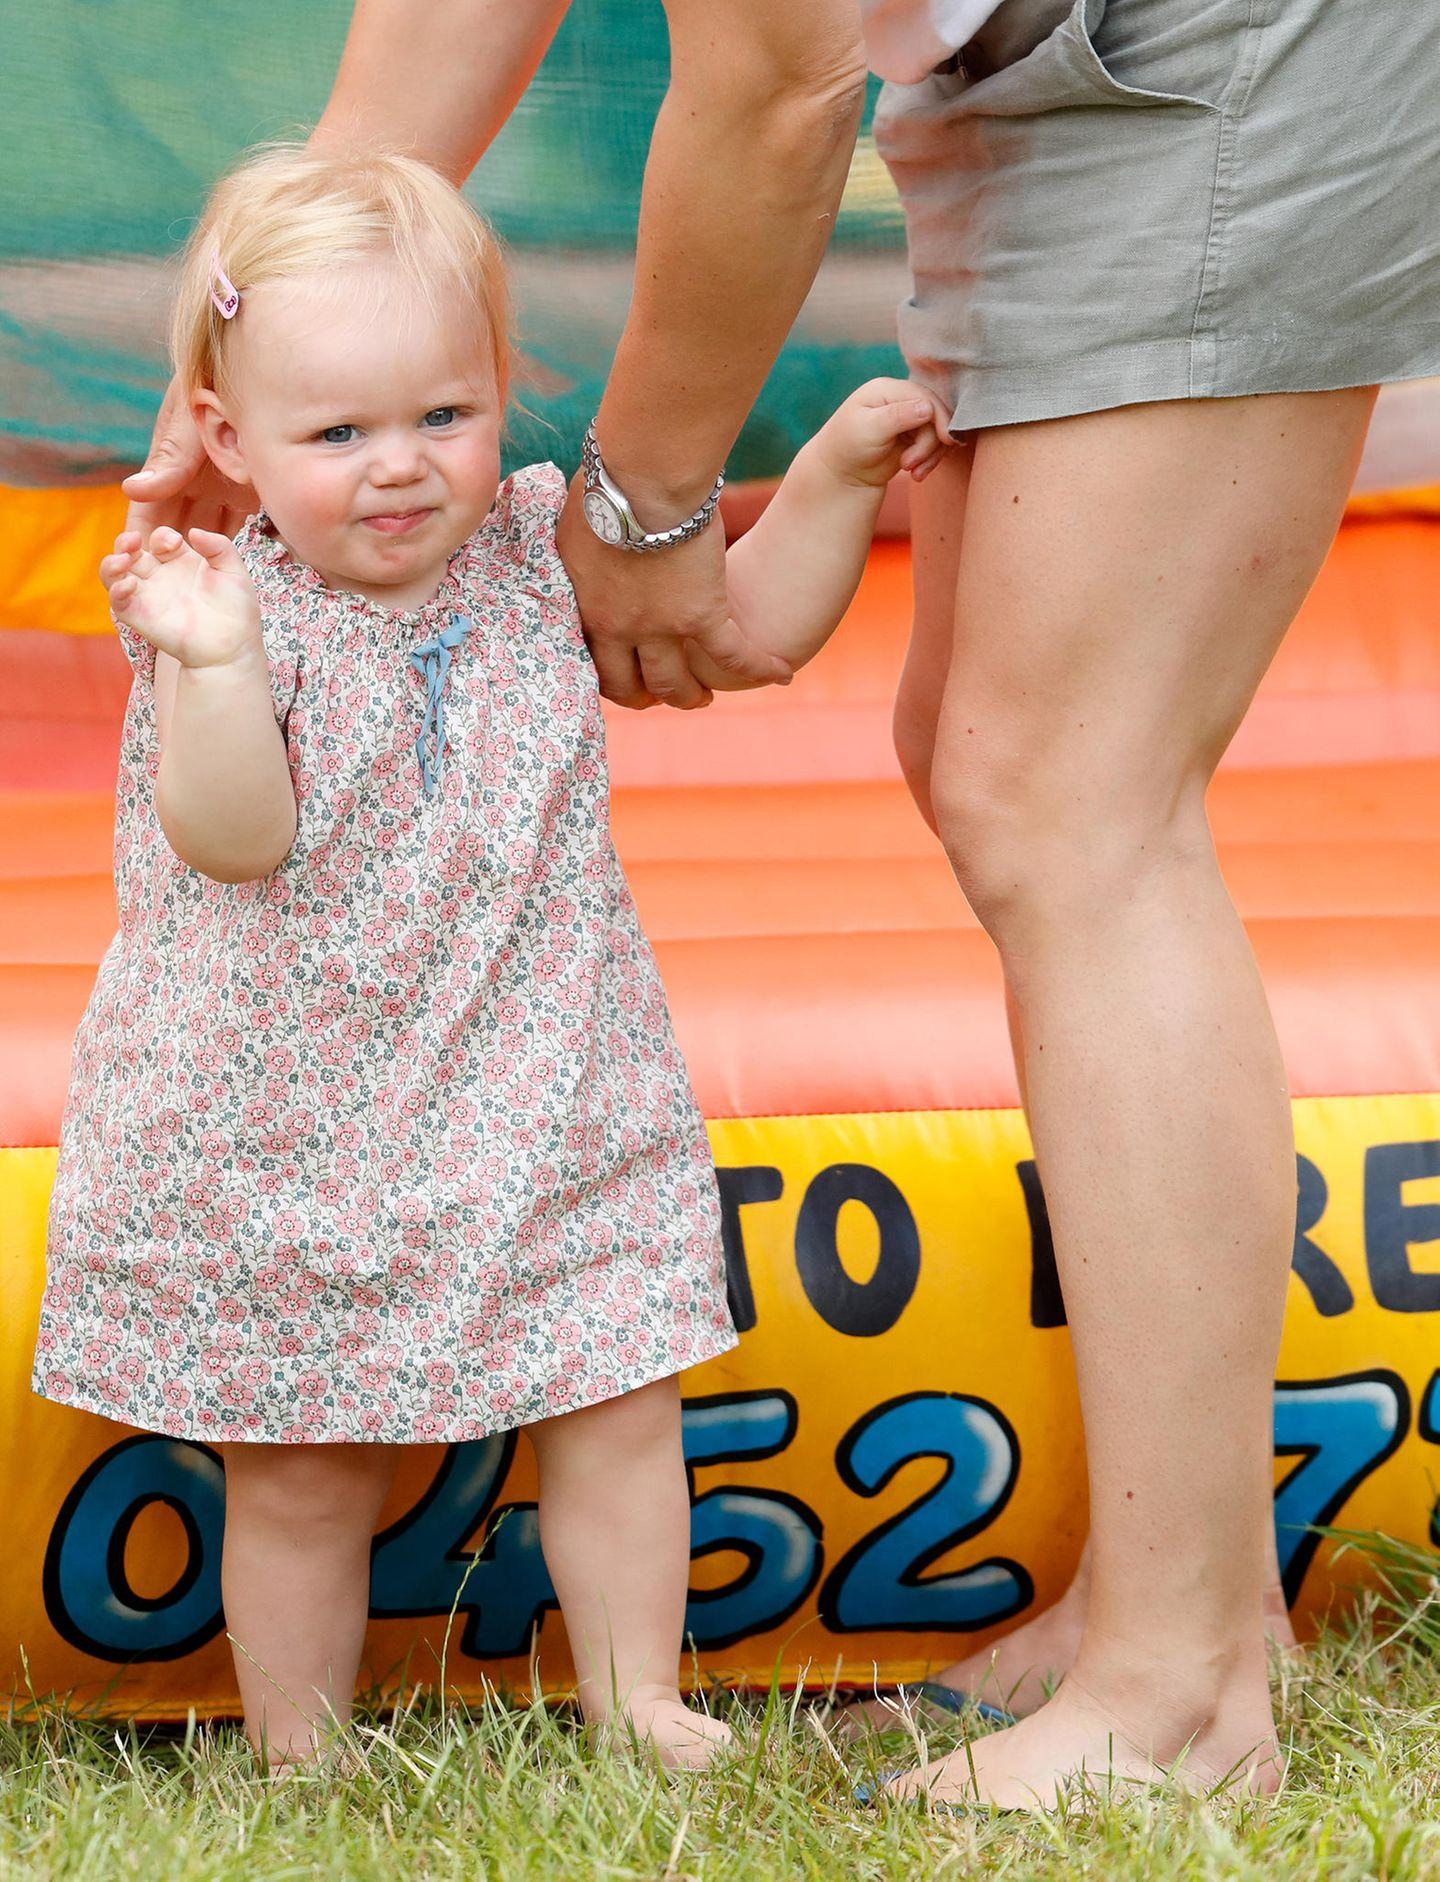 Mit ein wenig Hilfe von Mama Zara klappt das mit dem Laufen schon ganz gut.